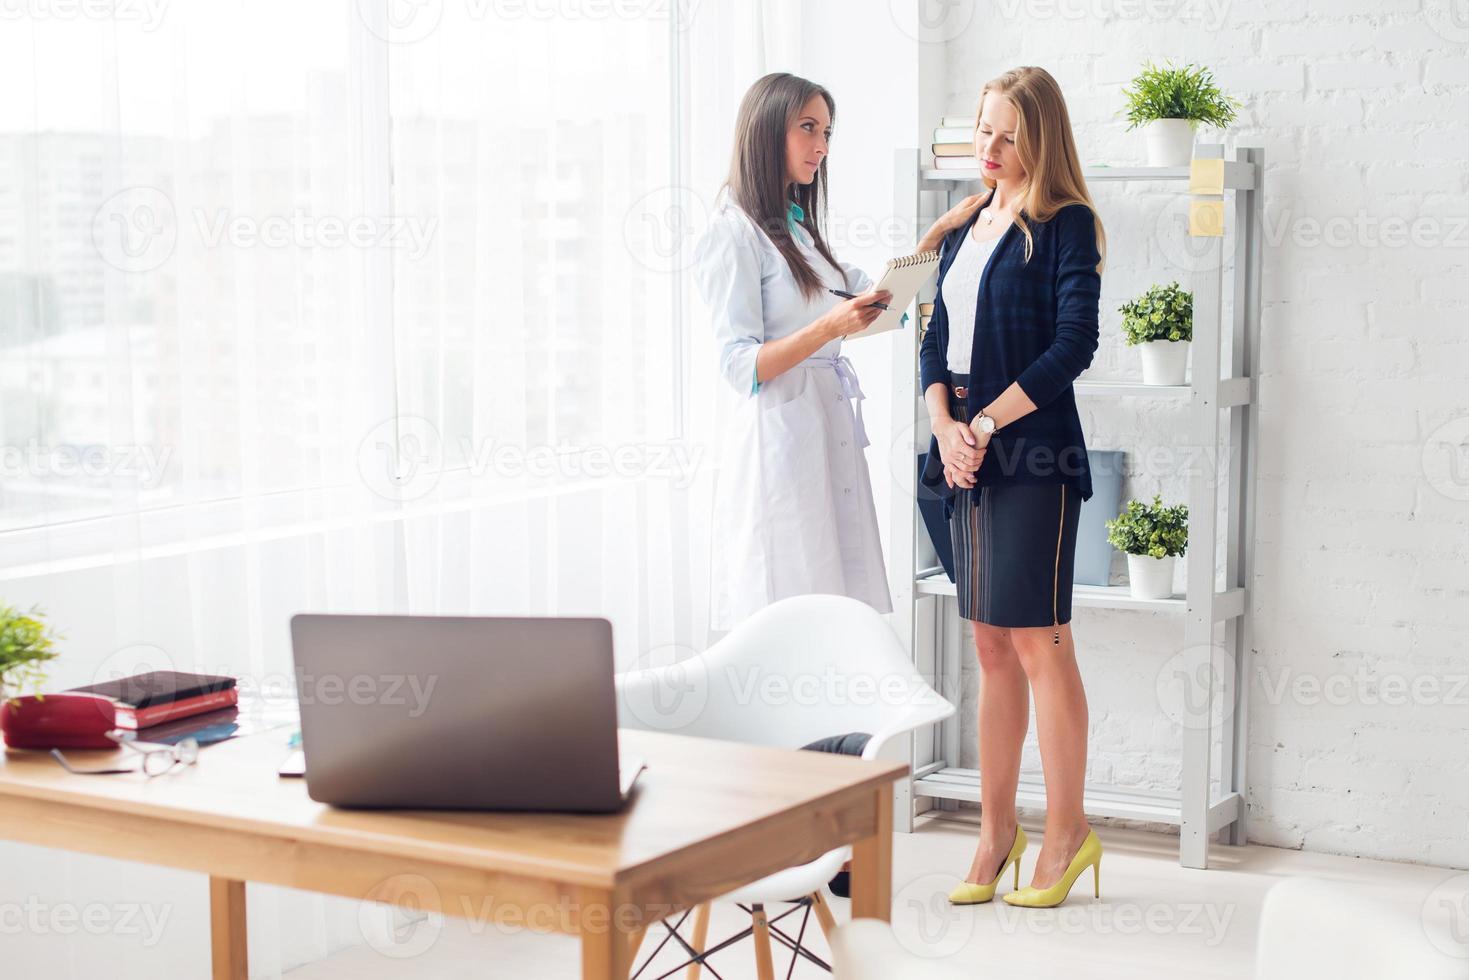 kvinnlig läkare som förklarar diagnos föreskriver för sitt kvinnliga patientkoncept foto